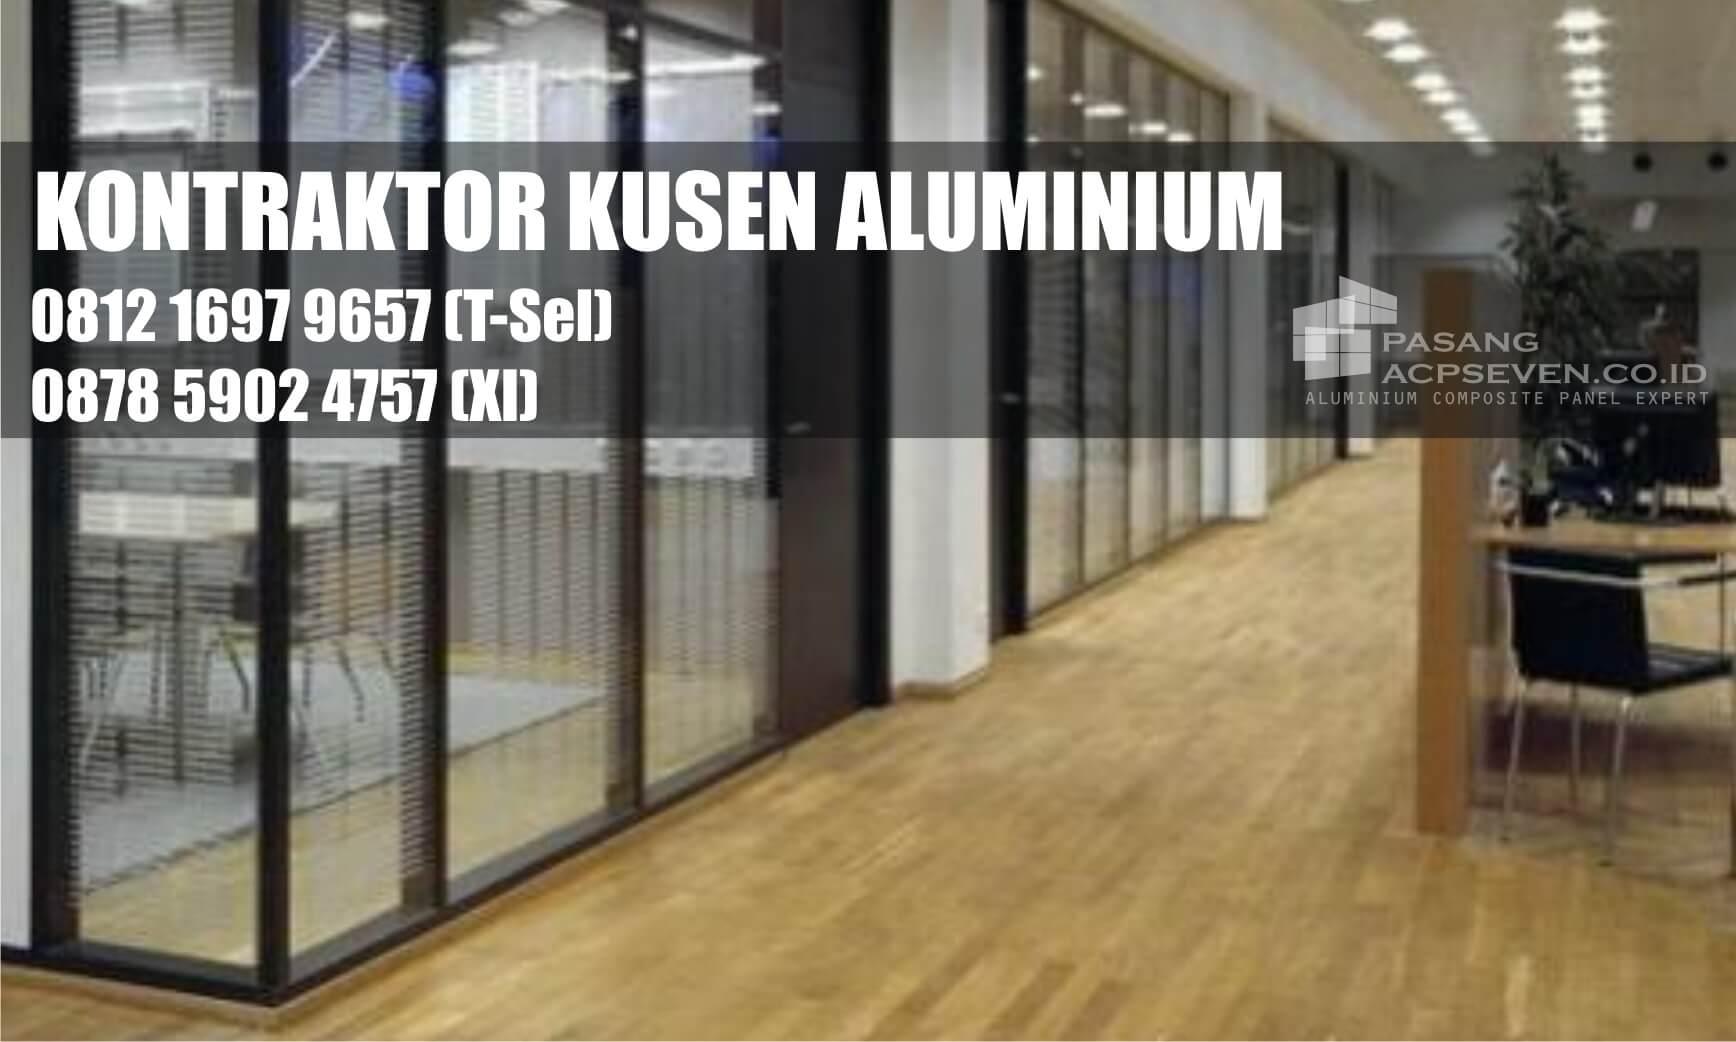 kontraktor aluminium surabaya, kusen aluminium surabaya, kusen pintu aluminium surabaya